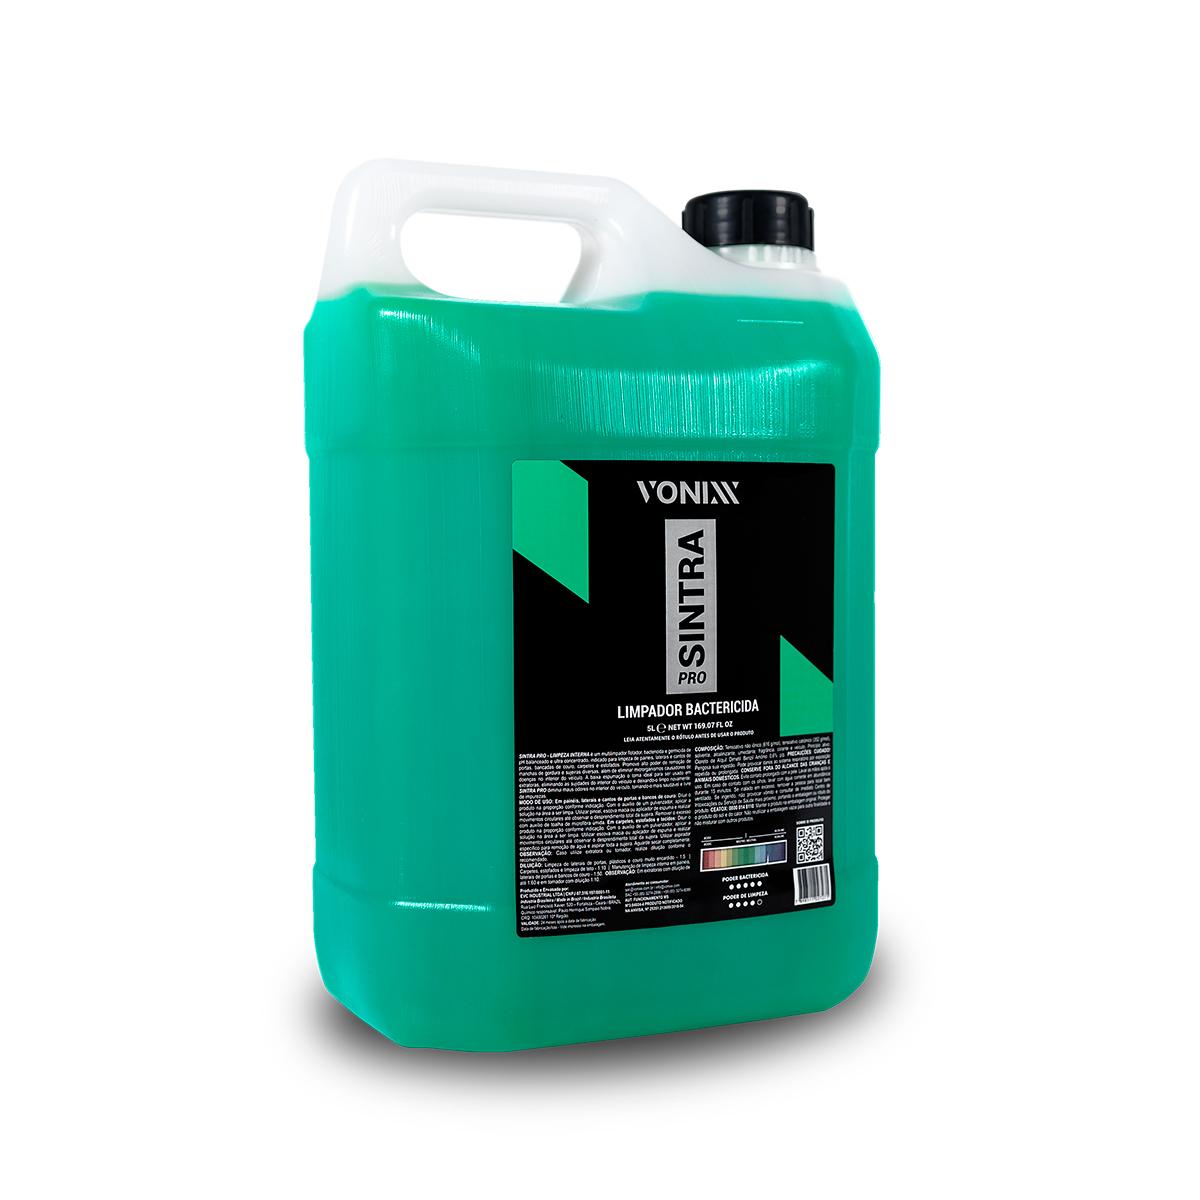 Sintra Pro 5L - Limpeza Interna de Veículos - Vonixx